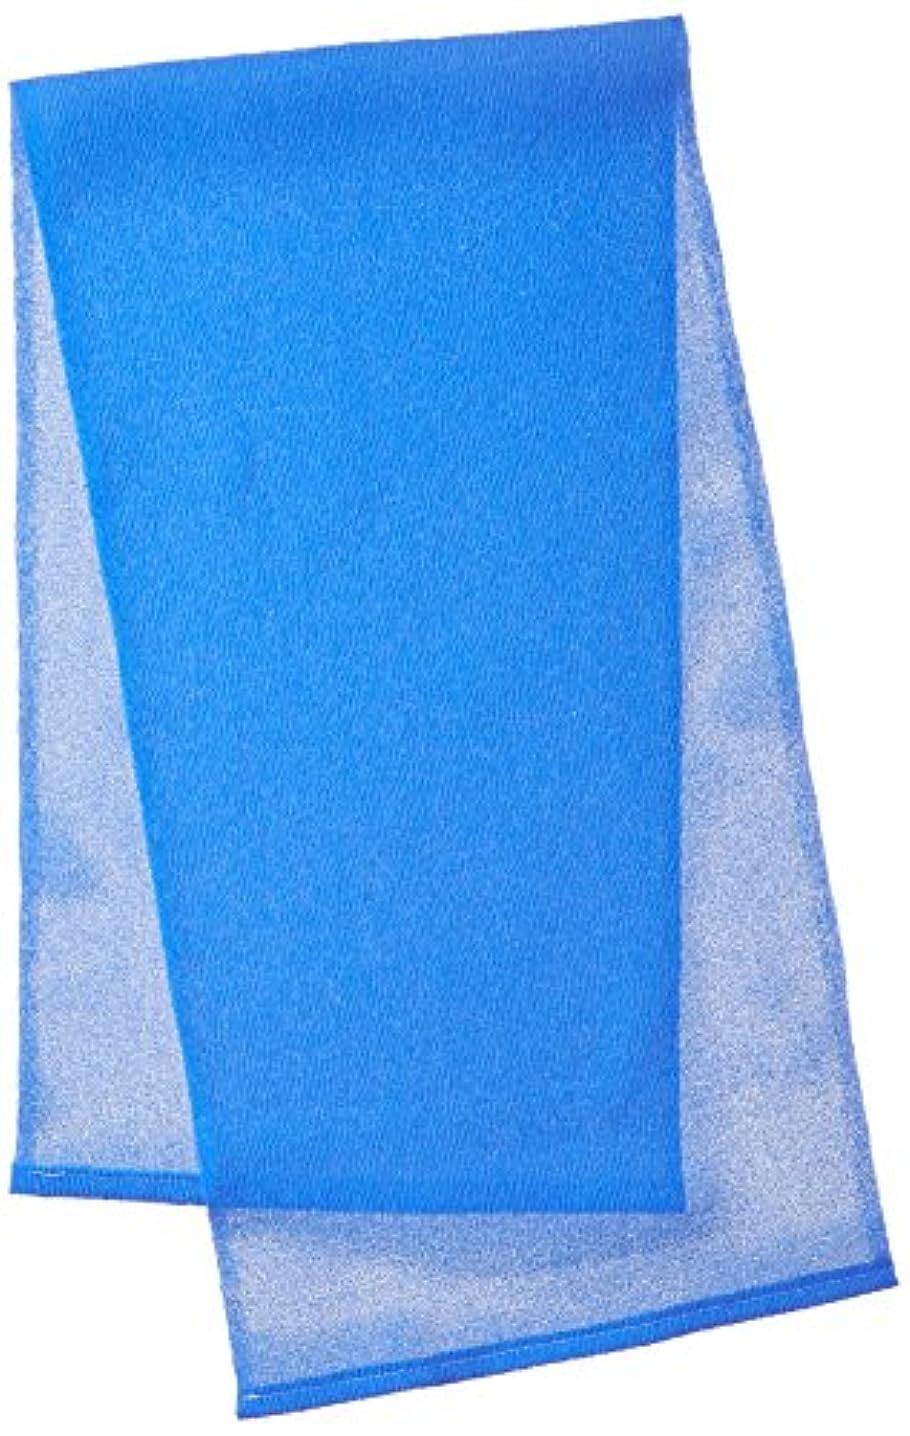 船外引退したモチーフキクロン メンズ用 グッメン オトコのボディタオル ベリーハード スプラッシュブルー